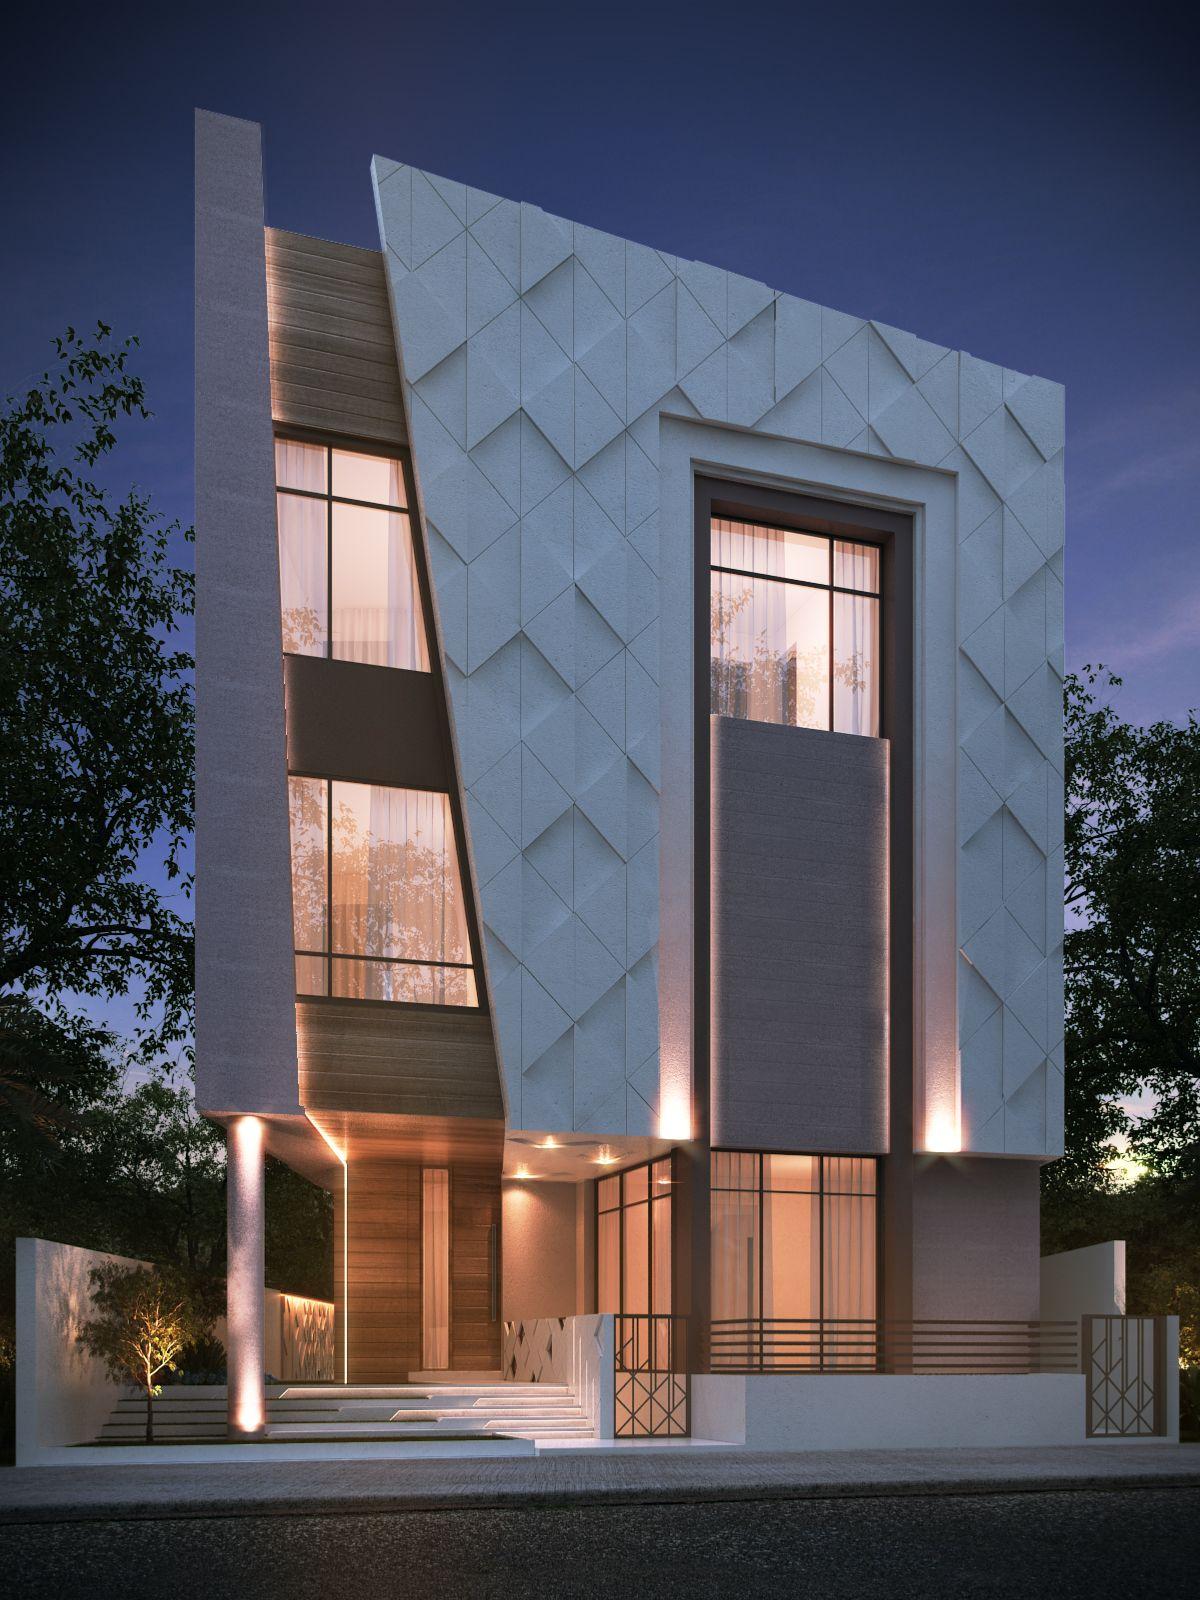 faades villa faades de maisons contemporaines faades design modern facade